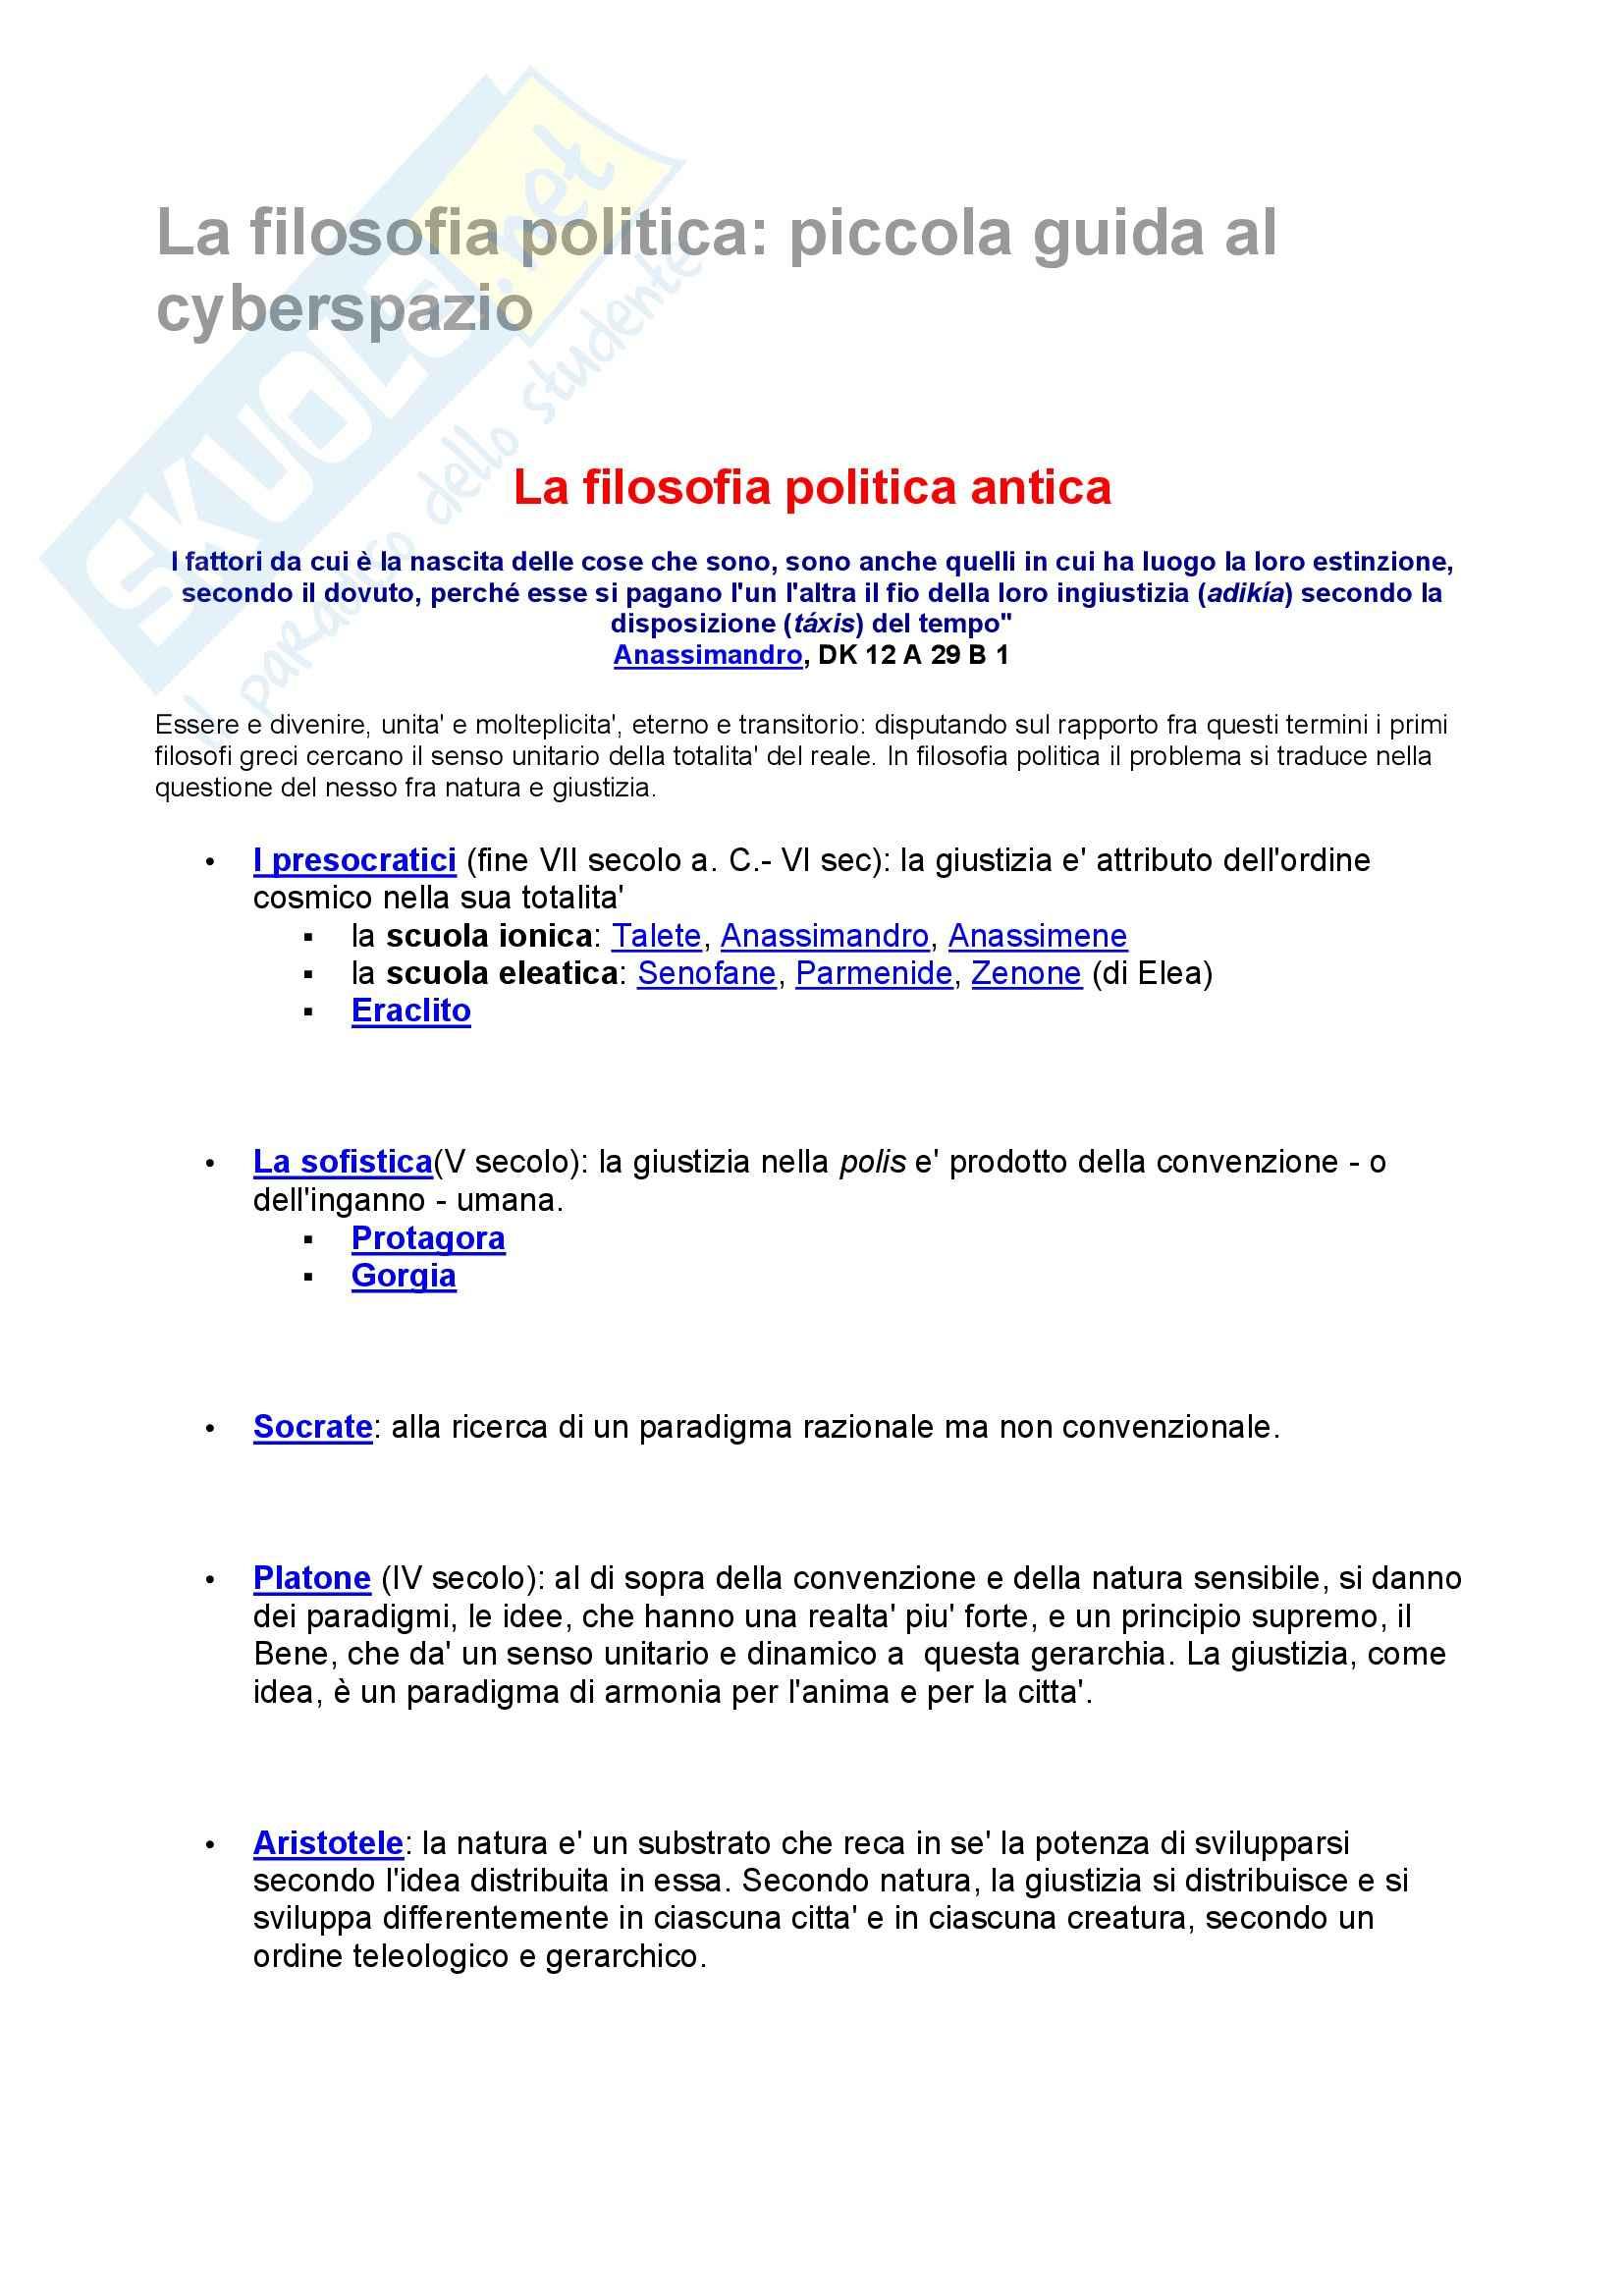 linguaggi politici - la filosofia politica: piccola guida al cyberspazio